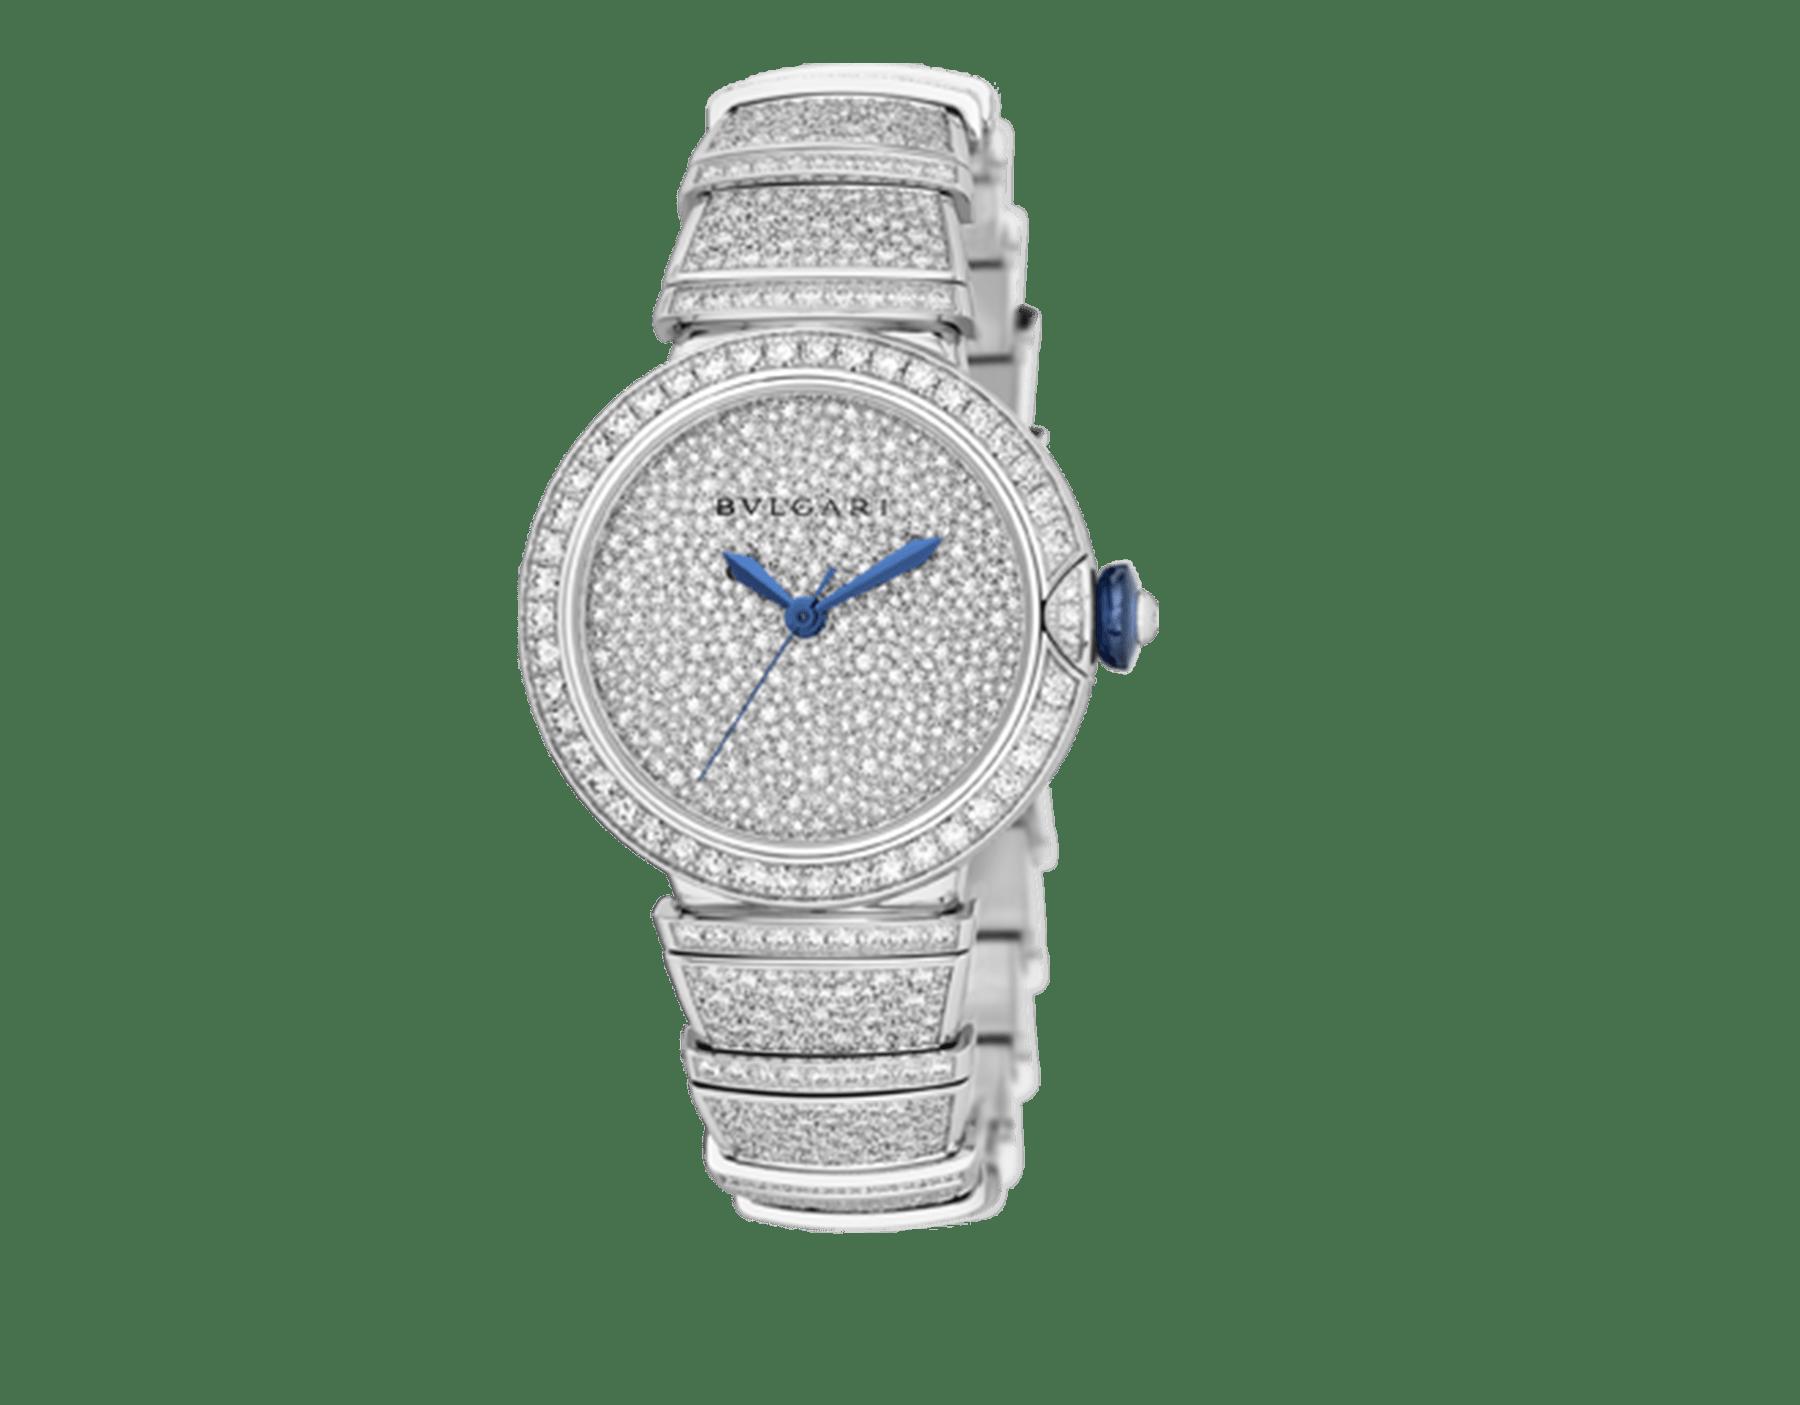 LVCEA Uhr mit Gehäuse und Armband aus 18Karat Weißgold mit Diamanten im Brillantschliff und Zifferblatt voll ausgefasst mit Diamant-Pavé. 102365 image 2